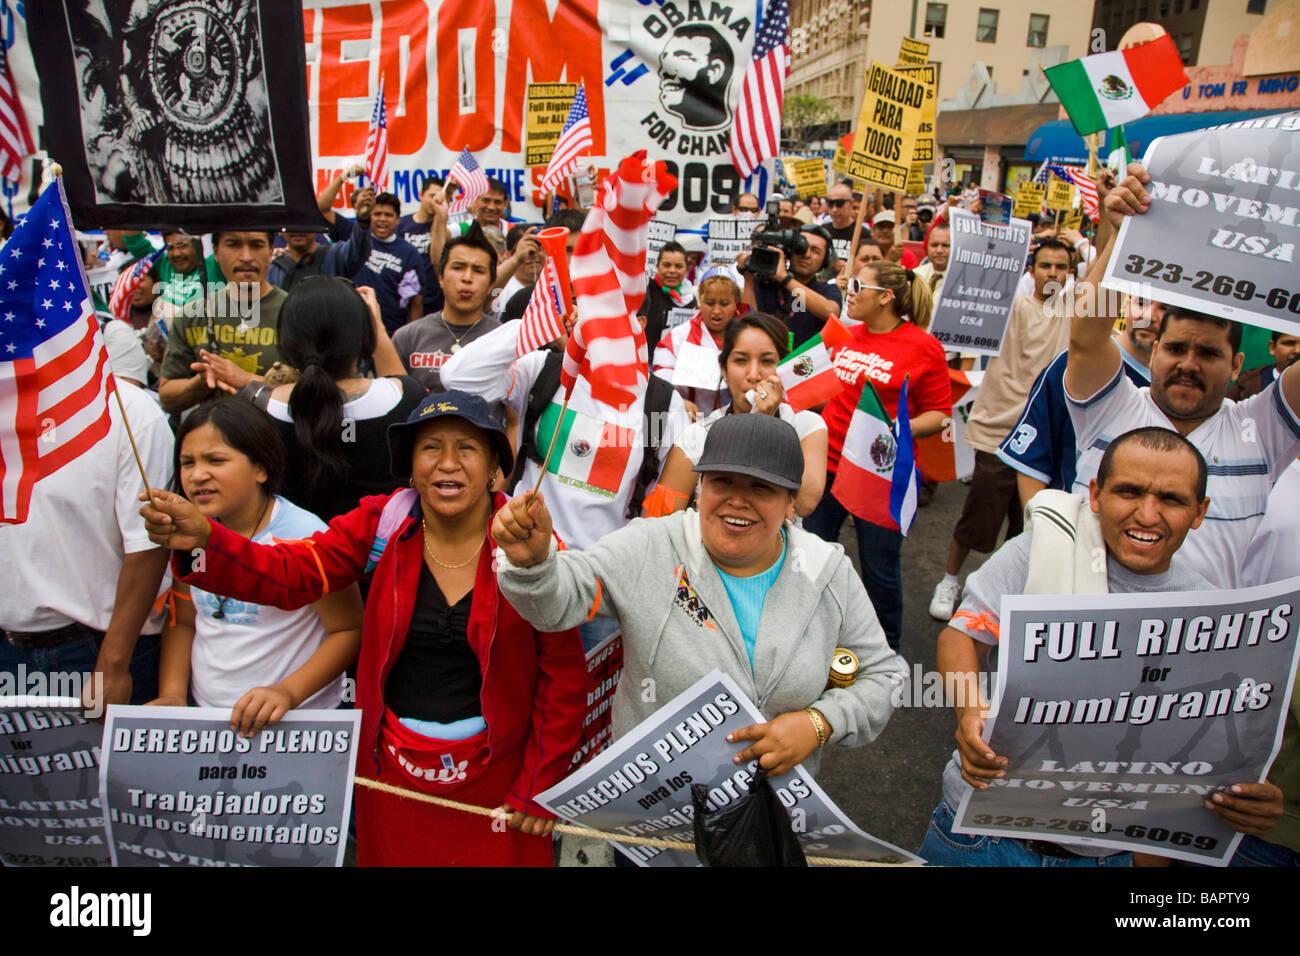 De mayo día de protesta el 1 de mayo de 2009 en el Olympic Blvd y Broadway, Los Ángeles, California, Estados Imagen De Stock